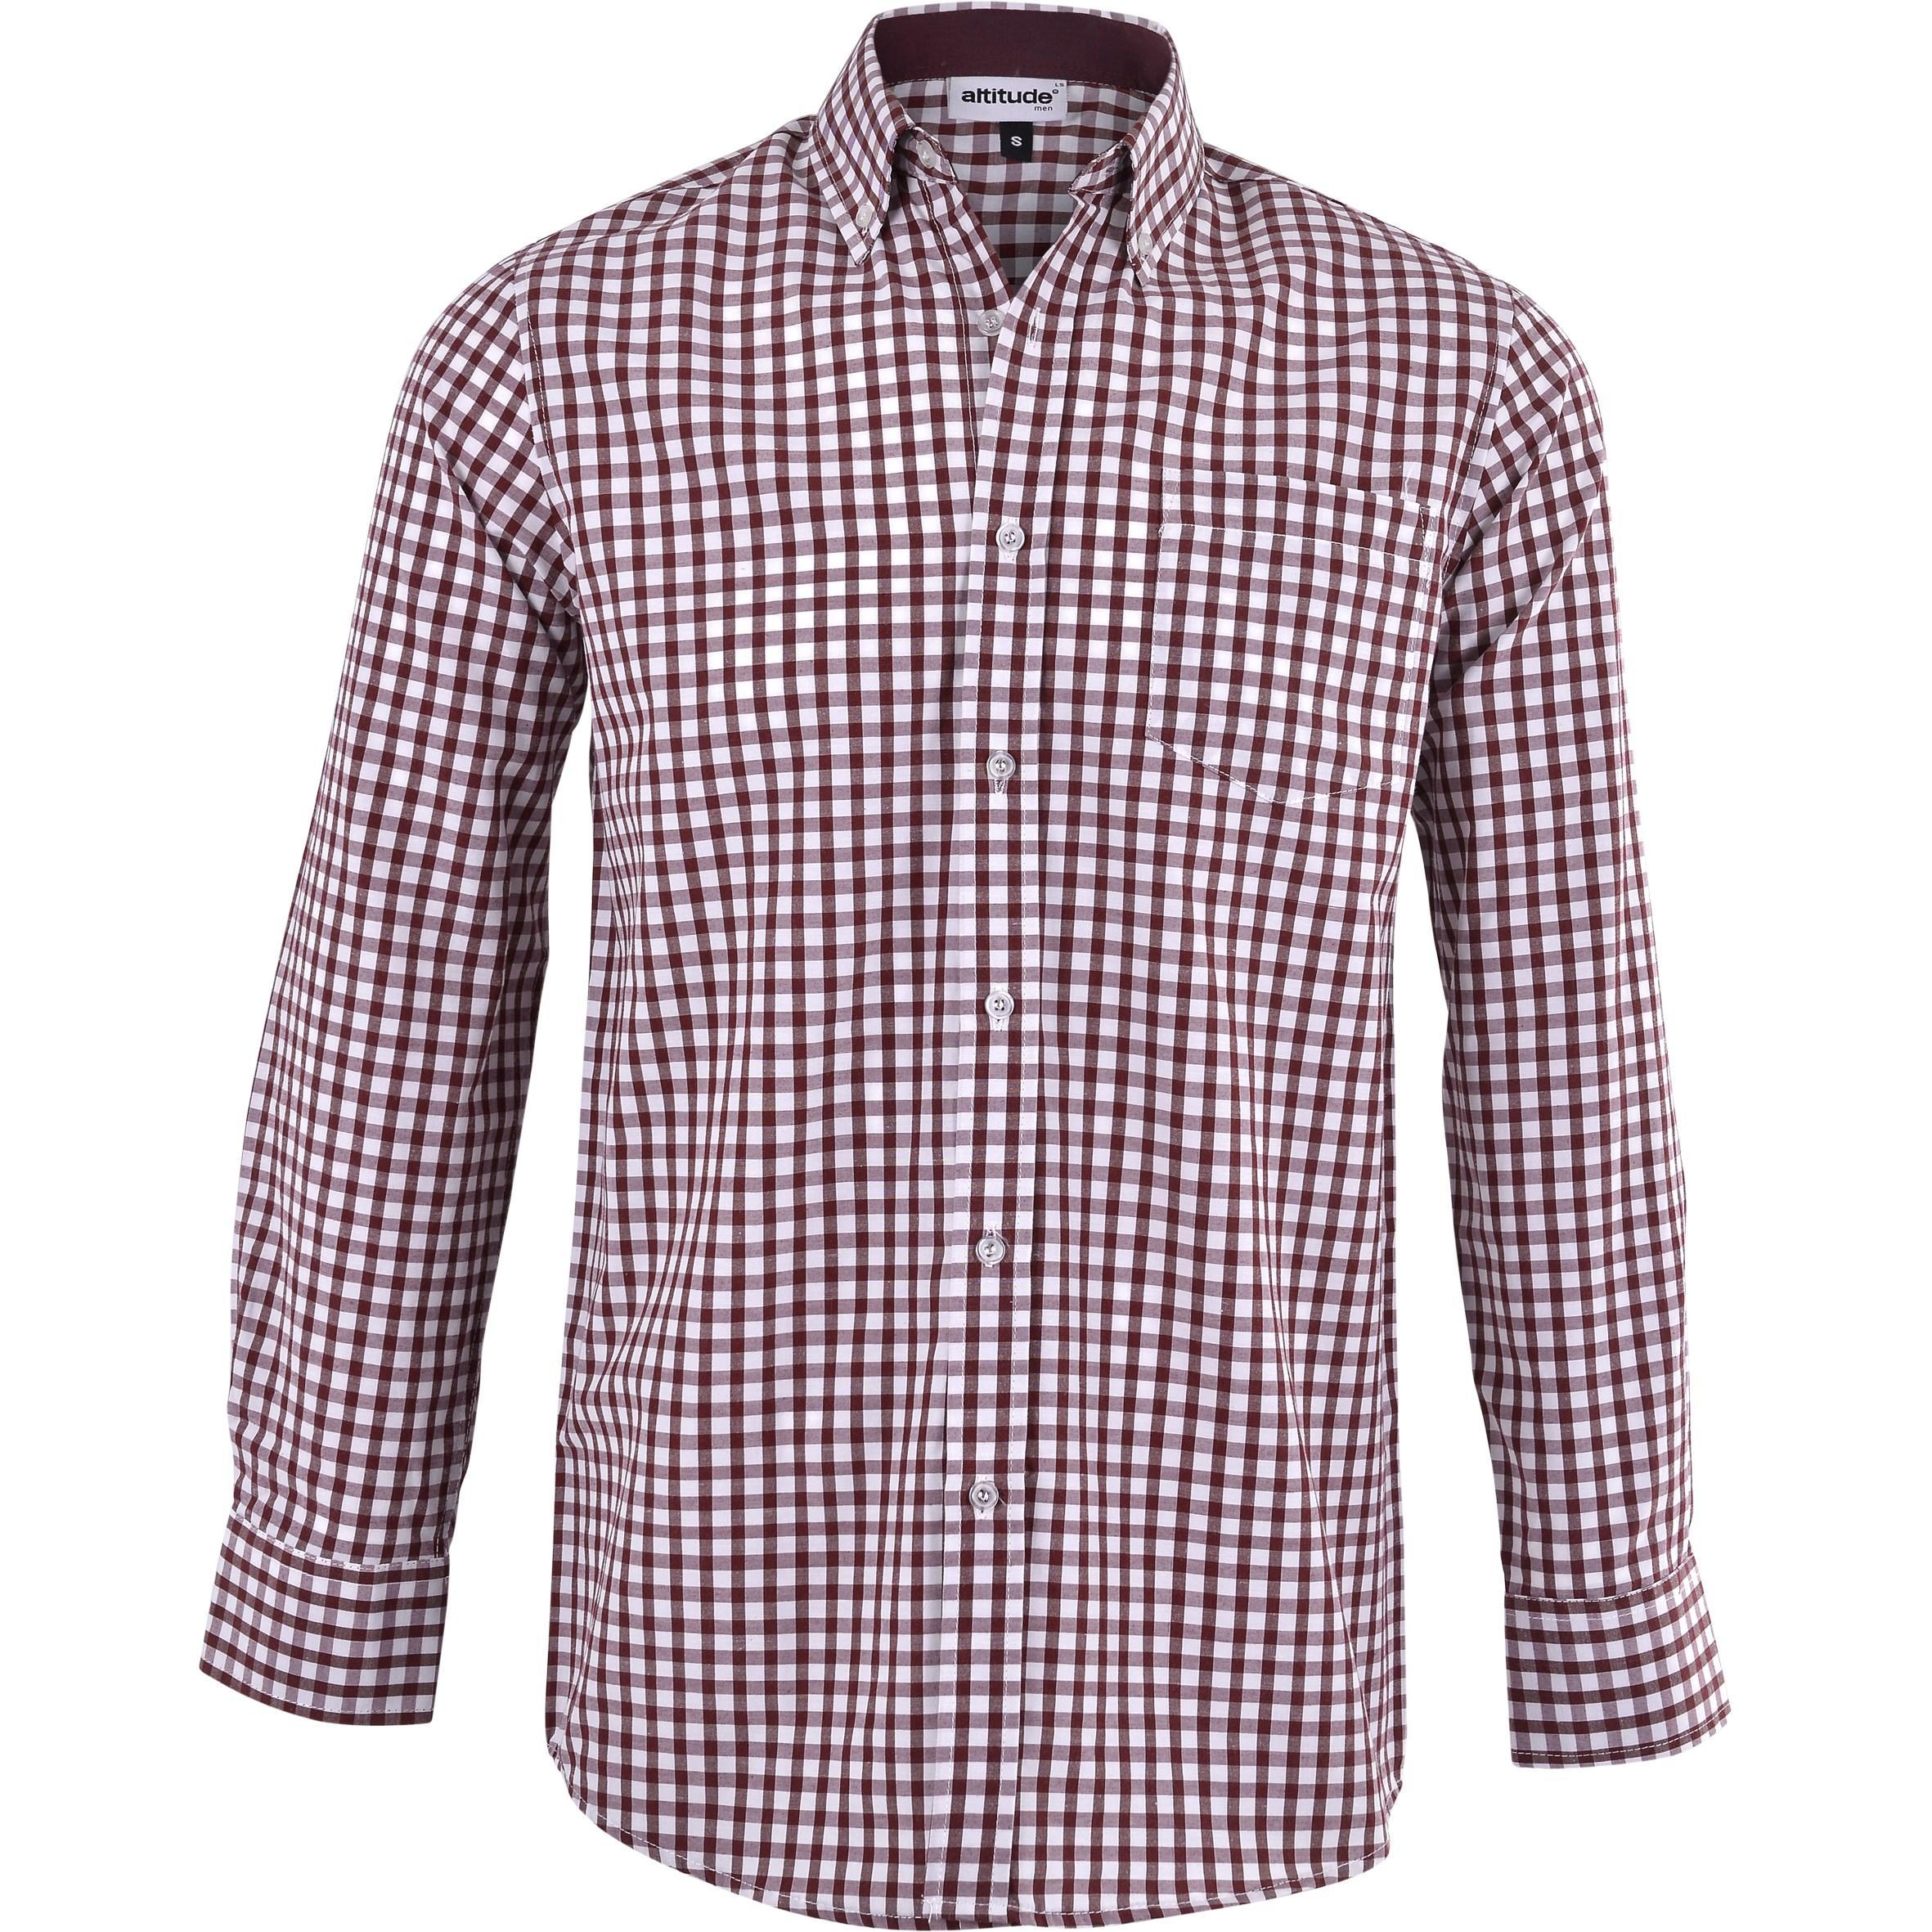 Mens Long Sleeve Copenhagen Shirt